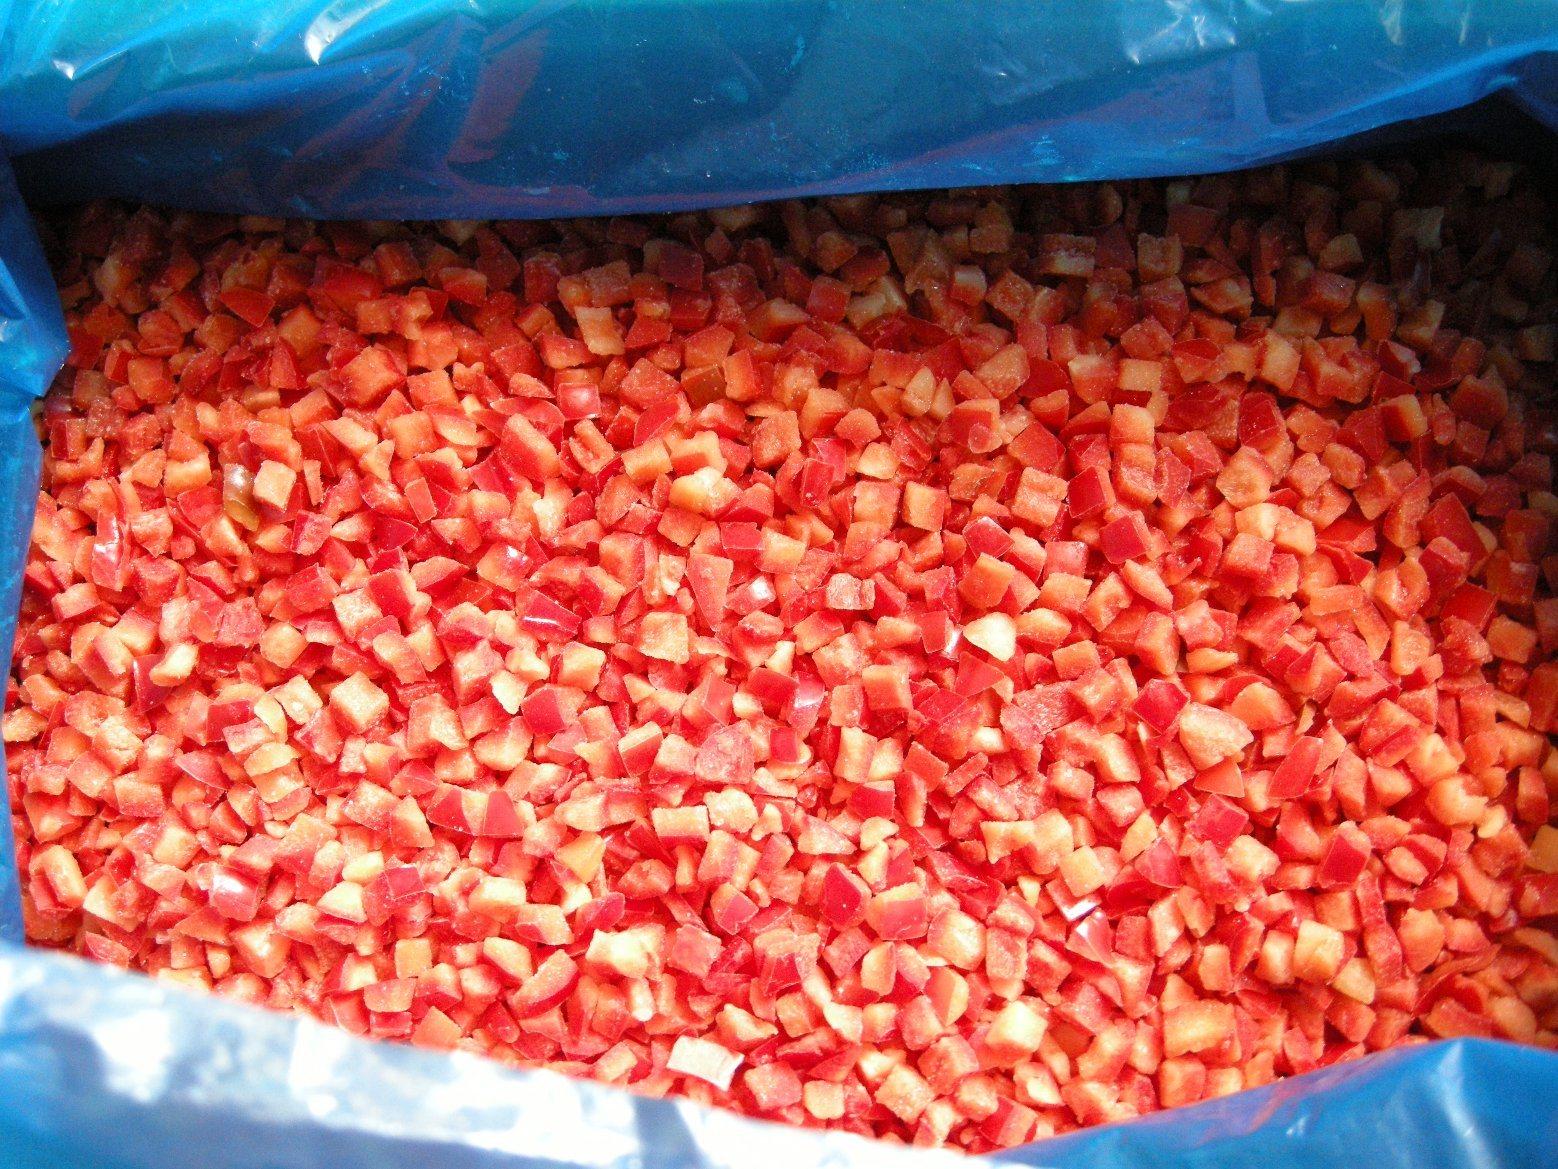 IQF Bell Pepper or Frozen Bell Pepper